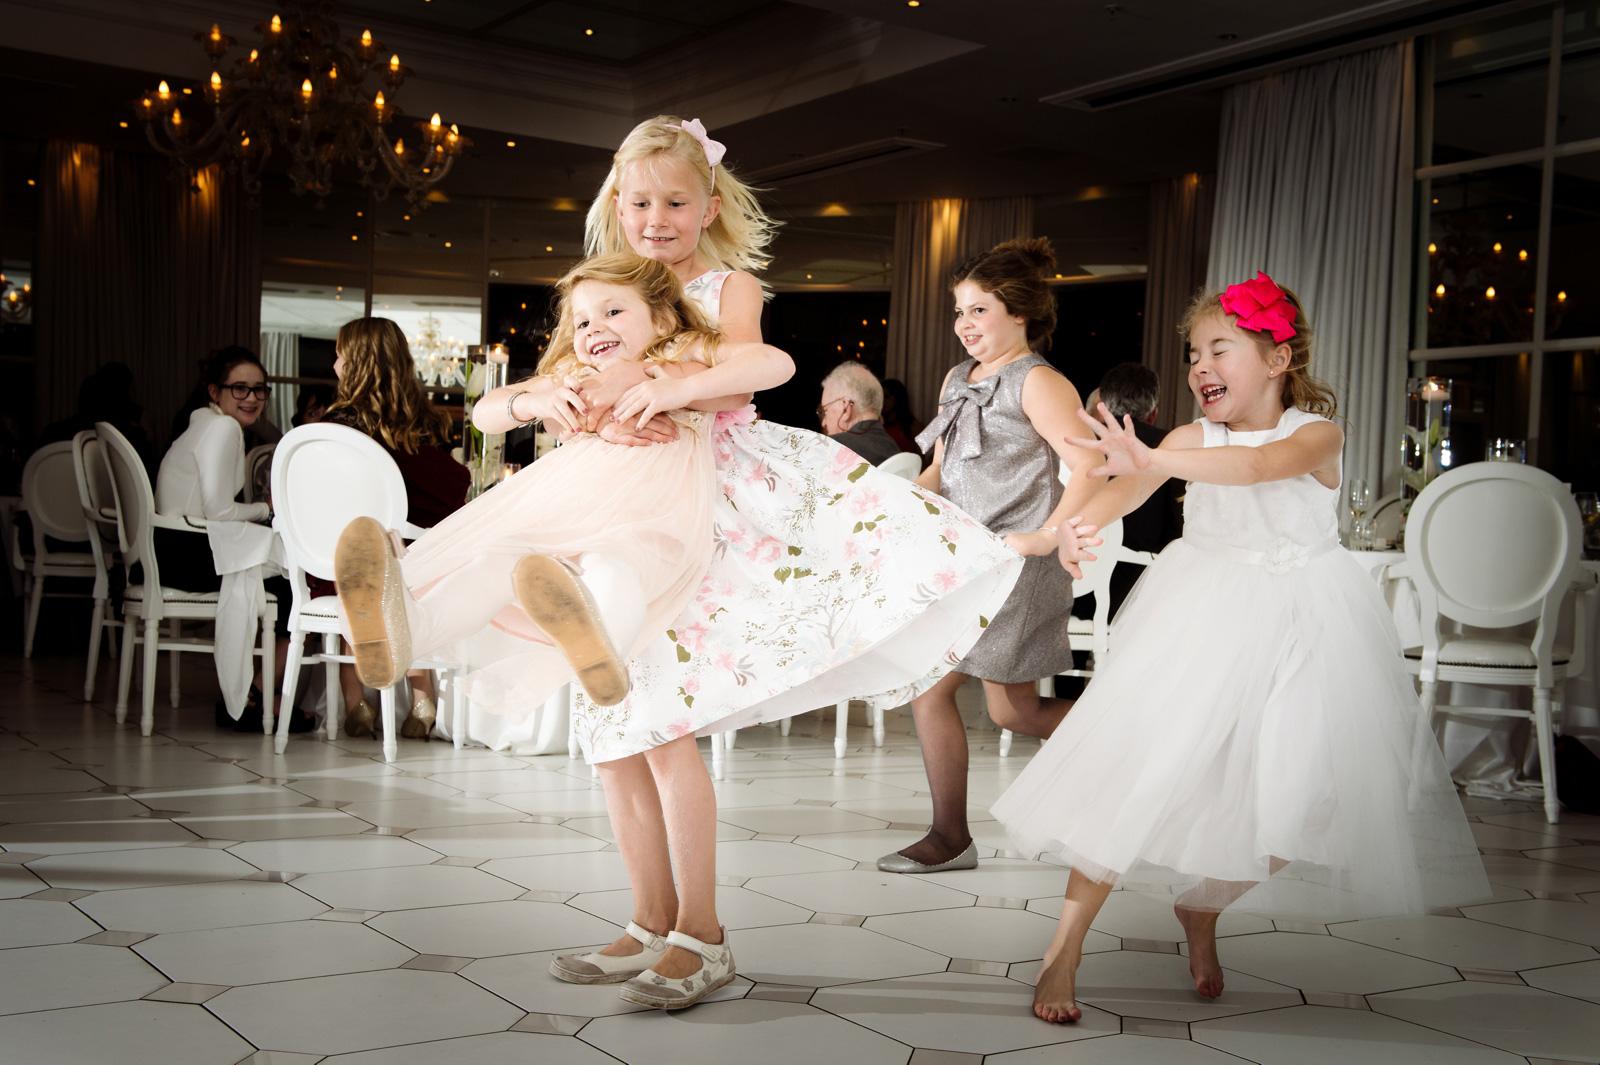 Girls on the dancefloor